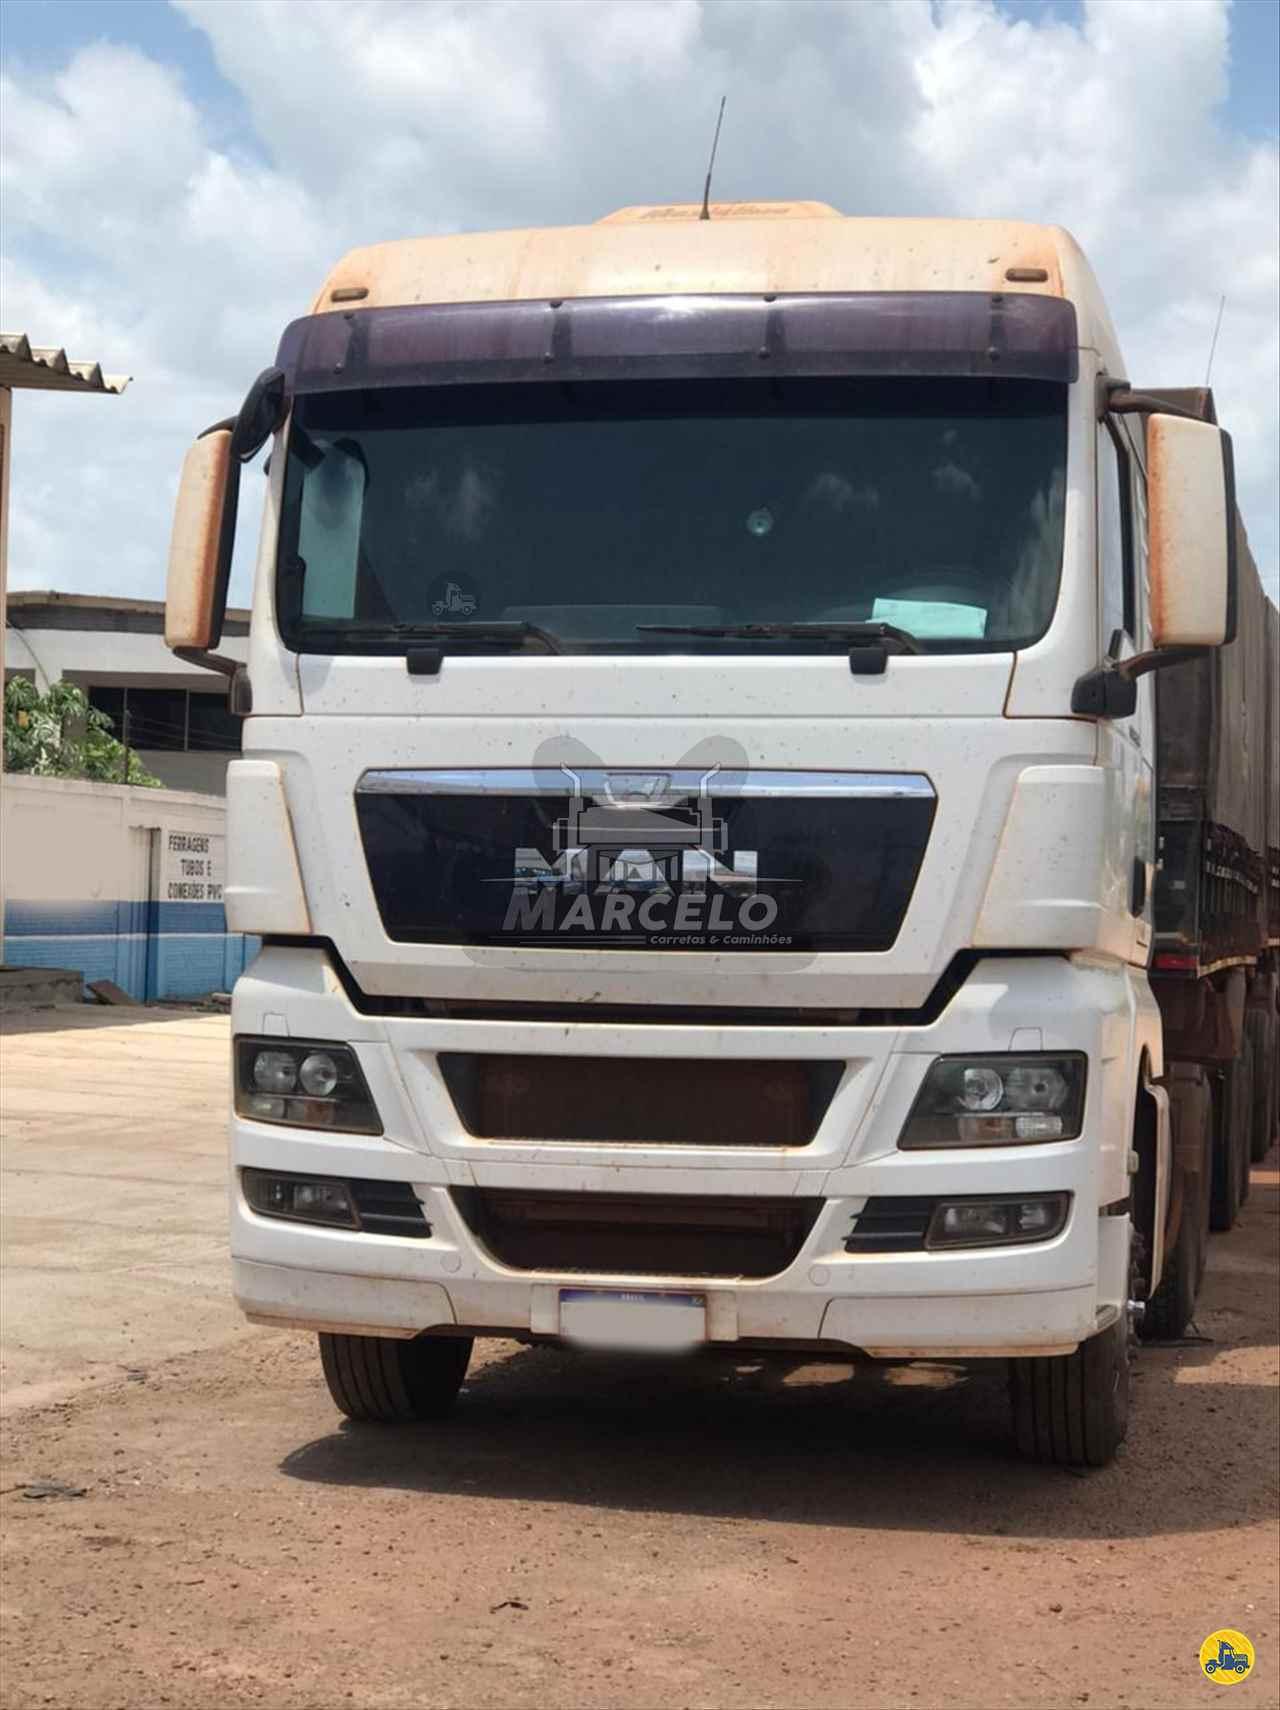 CAMINHAO MAN TGX 29 440 Cavalo Mecânico Traçado 6x4 Marcelo Carretas e Caminhões PIRAPOZINHO SÃO PAULO SP